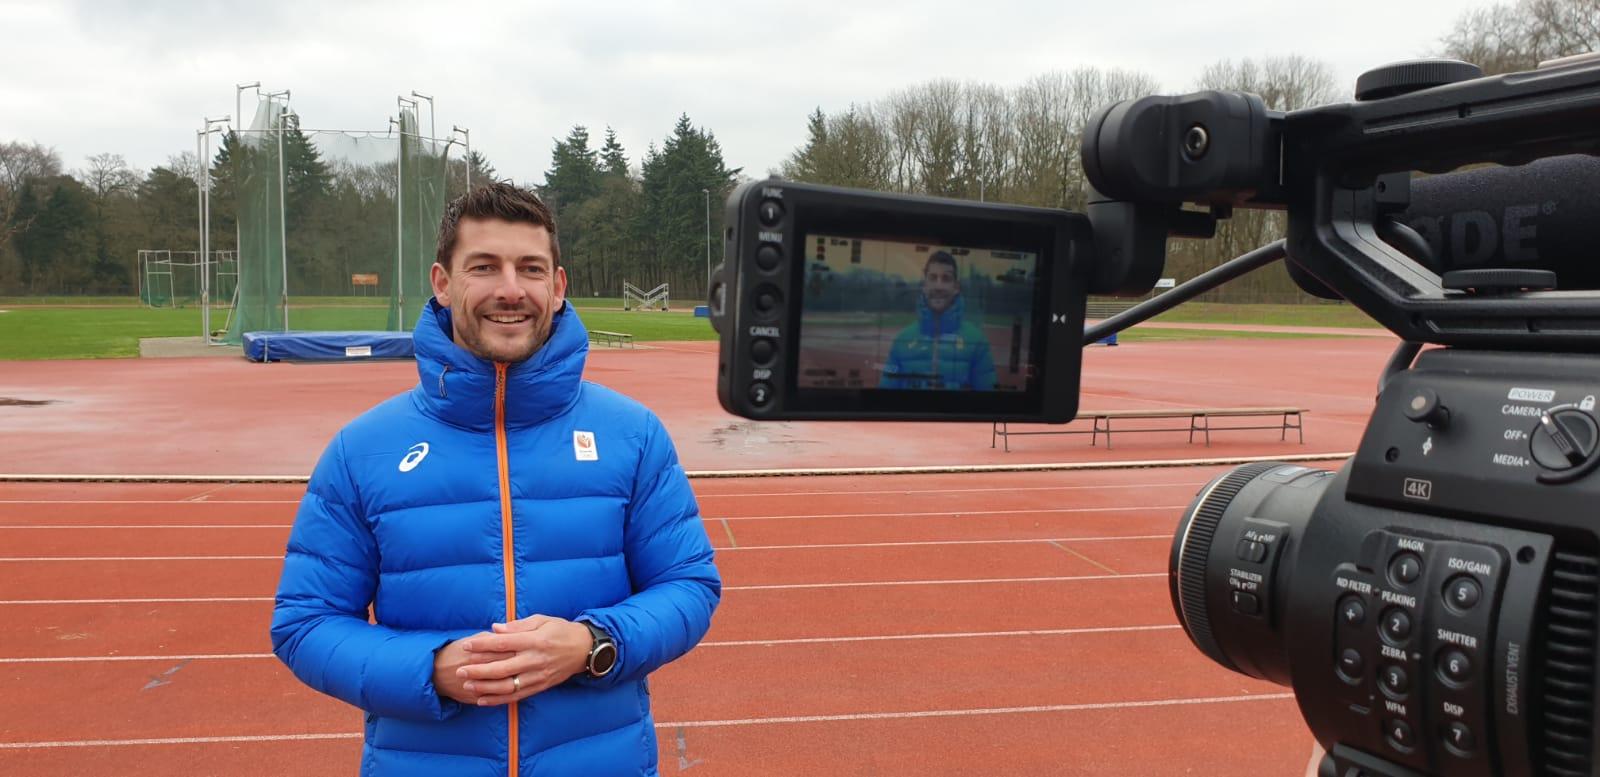 Mart ten Berge Nederlands kampioen speerwerpen geïnterviewd op de baan